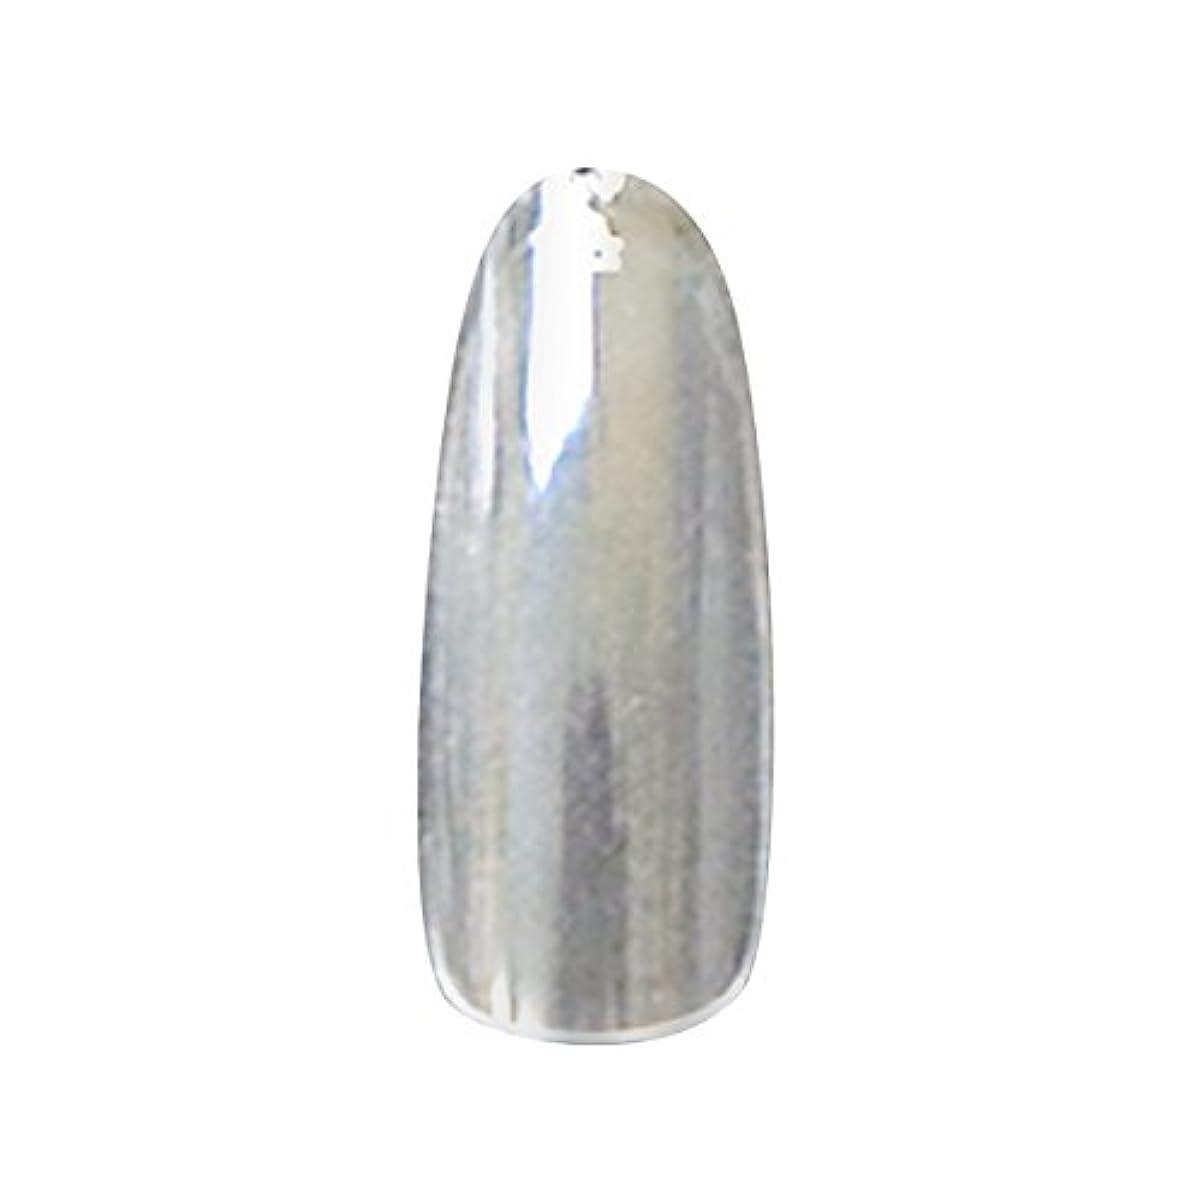 交差点研磨記念品Bonnail クリアラウンドロングチップ C30R300#07